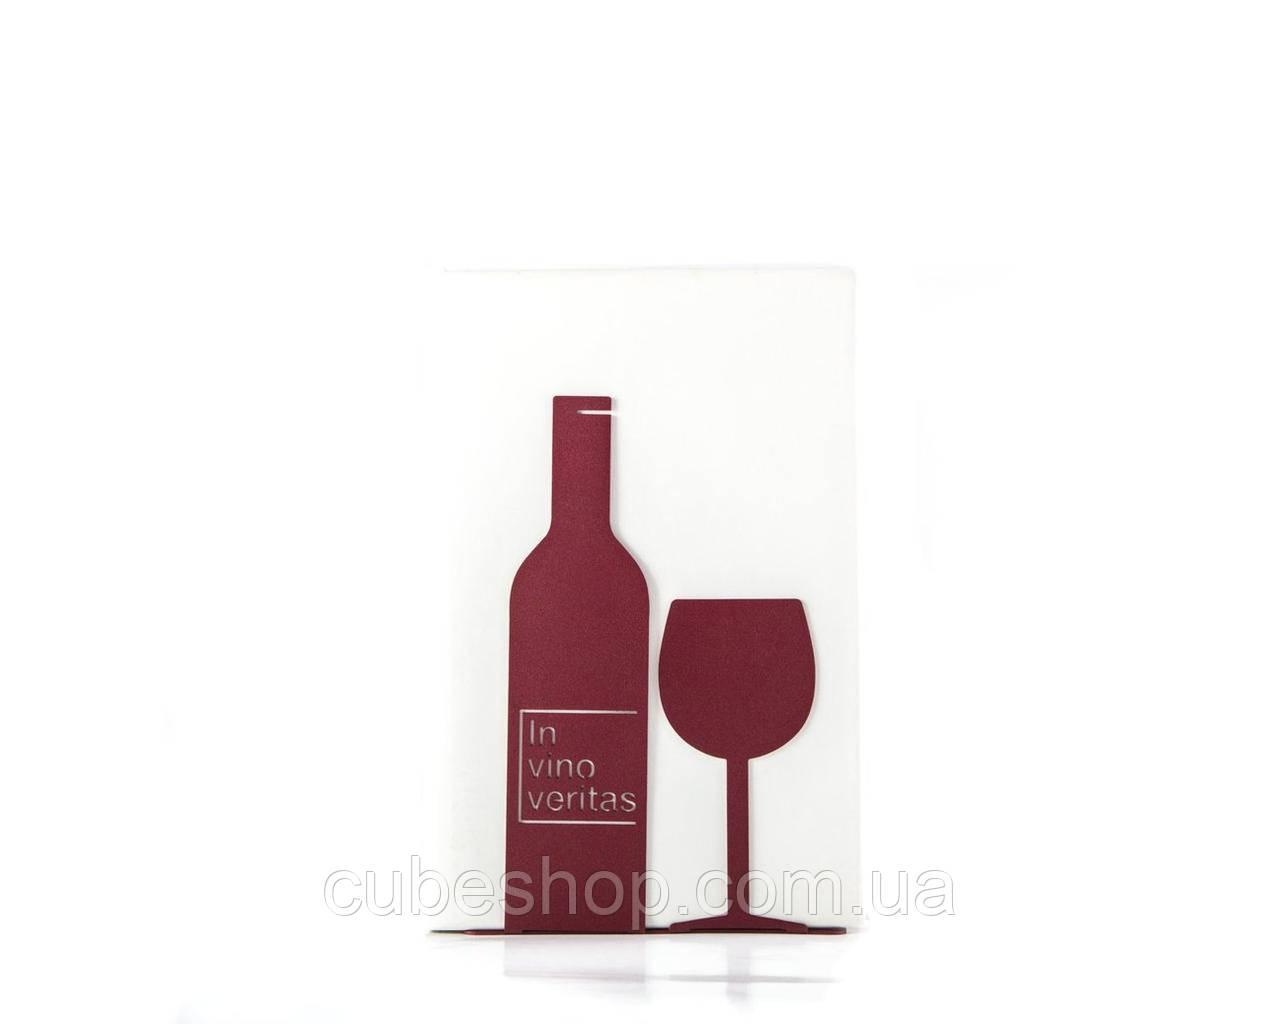 Тримач для книг In vino veritas